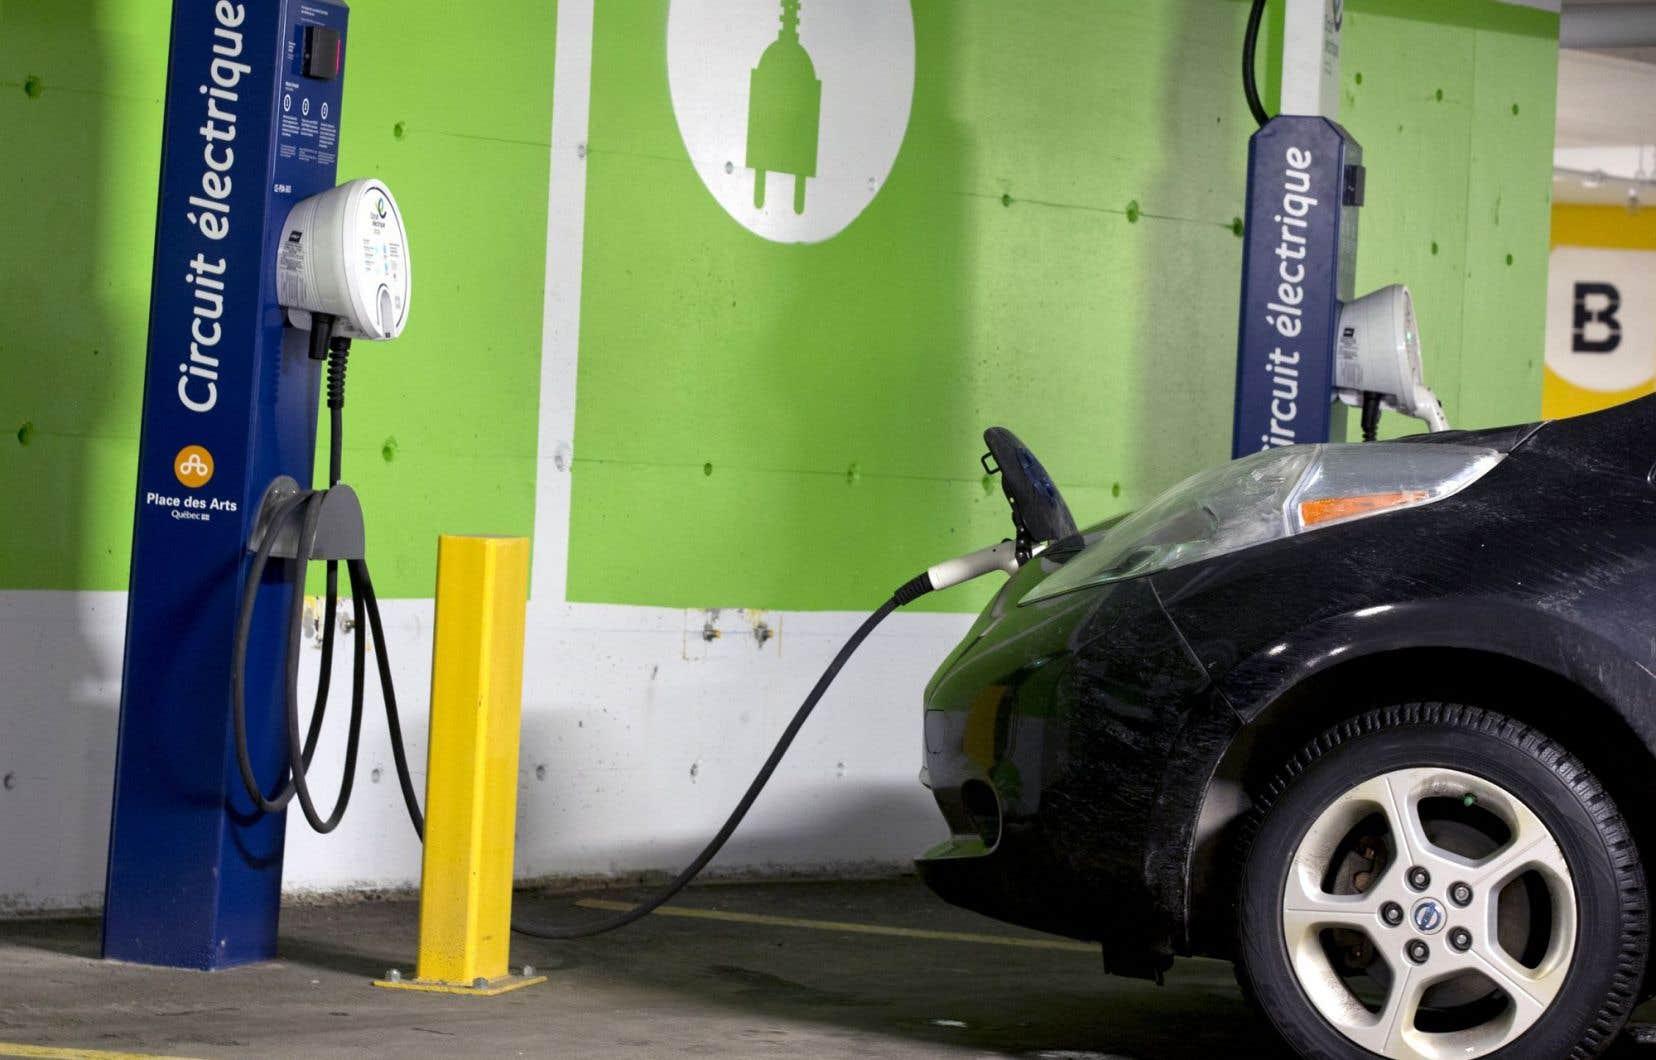 Vu la faible étendue du réseau de recharge, le nombre de kilomètres que peut parcourir une voiture électrique sans nécessiter une recharge demeure crucial aux yeux des consommateurs. Et, jusqu'ici, l'autonomie se payait très cher.